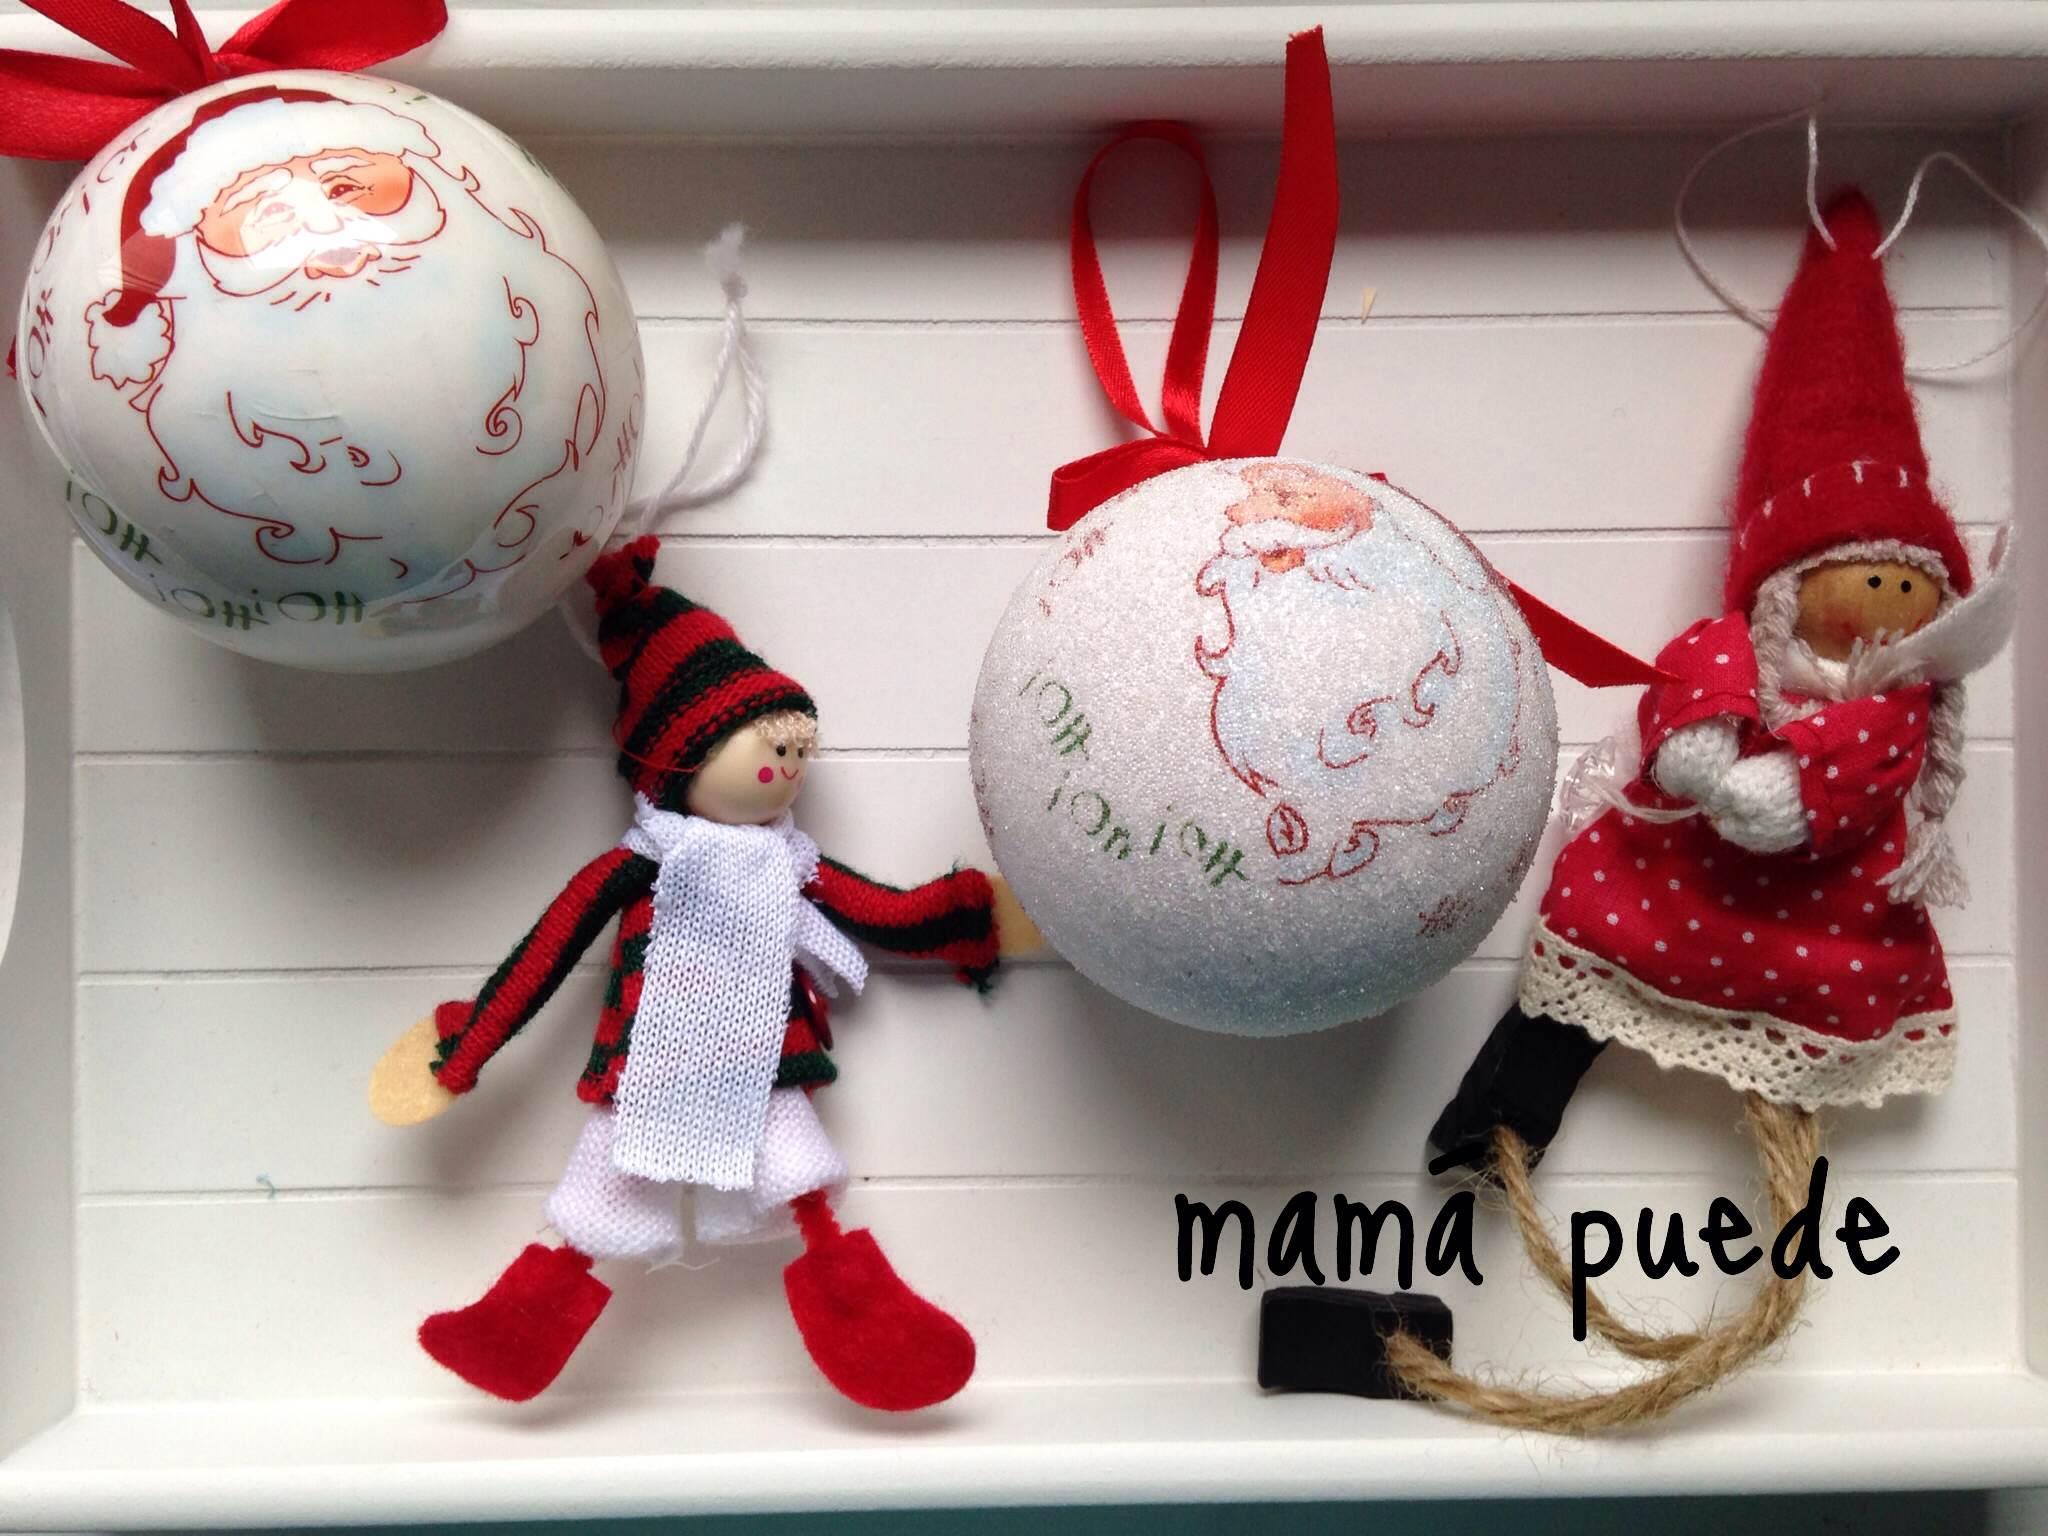 Los adornos del rbol de navidad mam puede - Los adornos navidenos ...